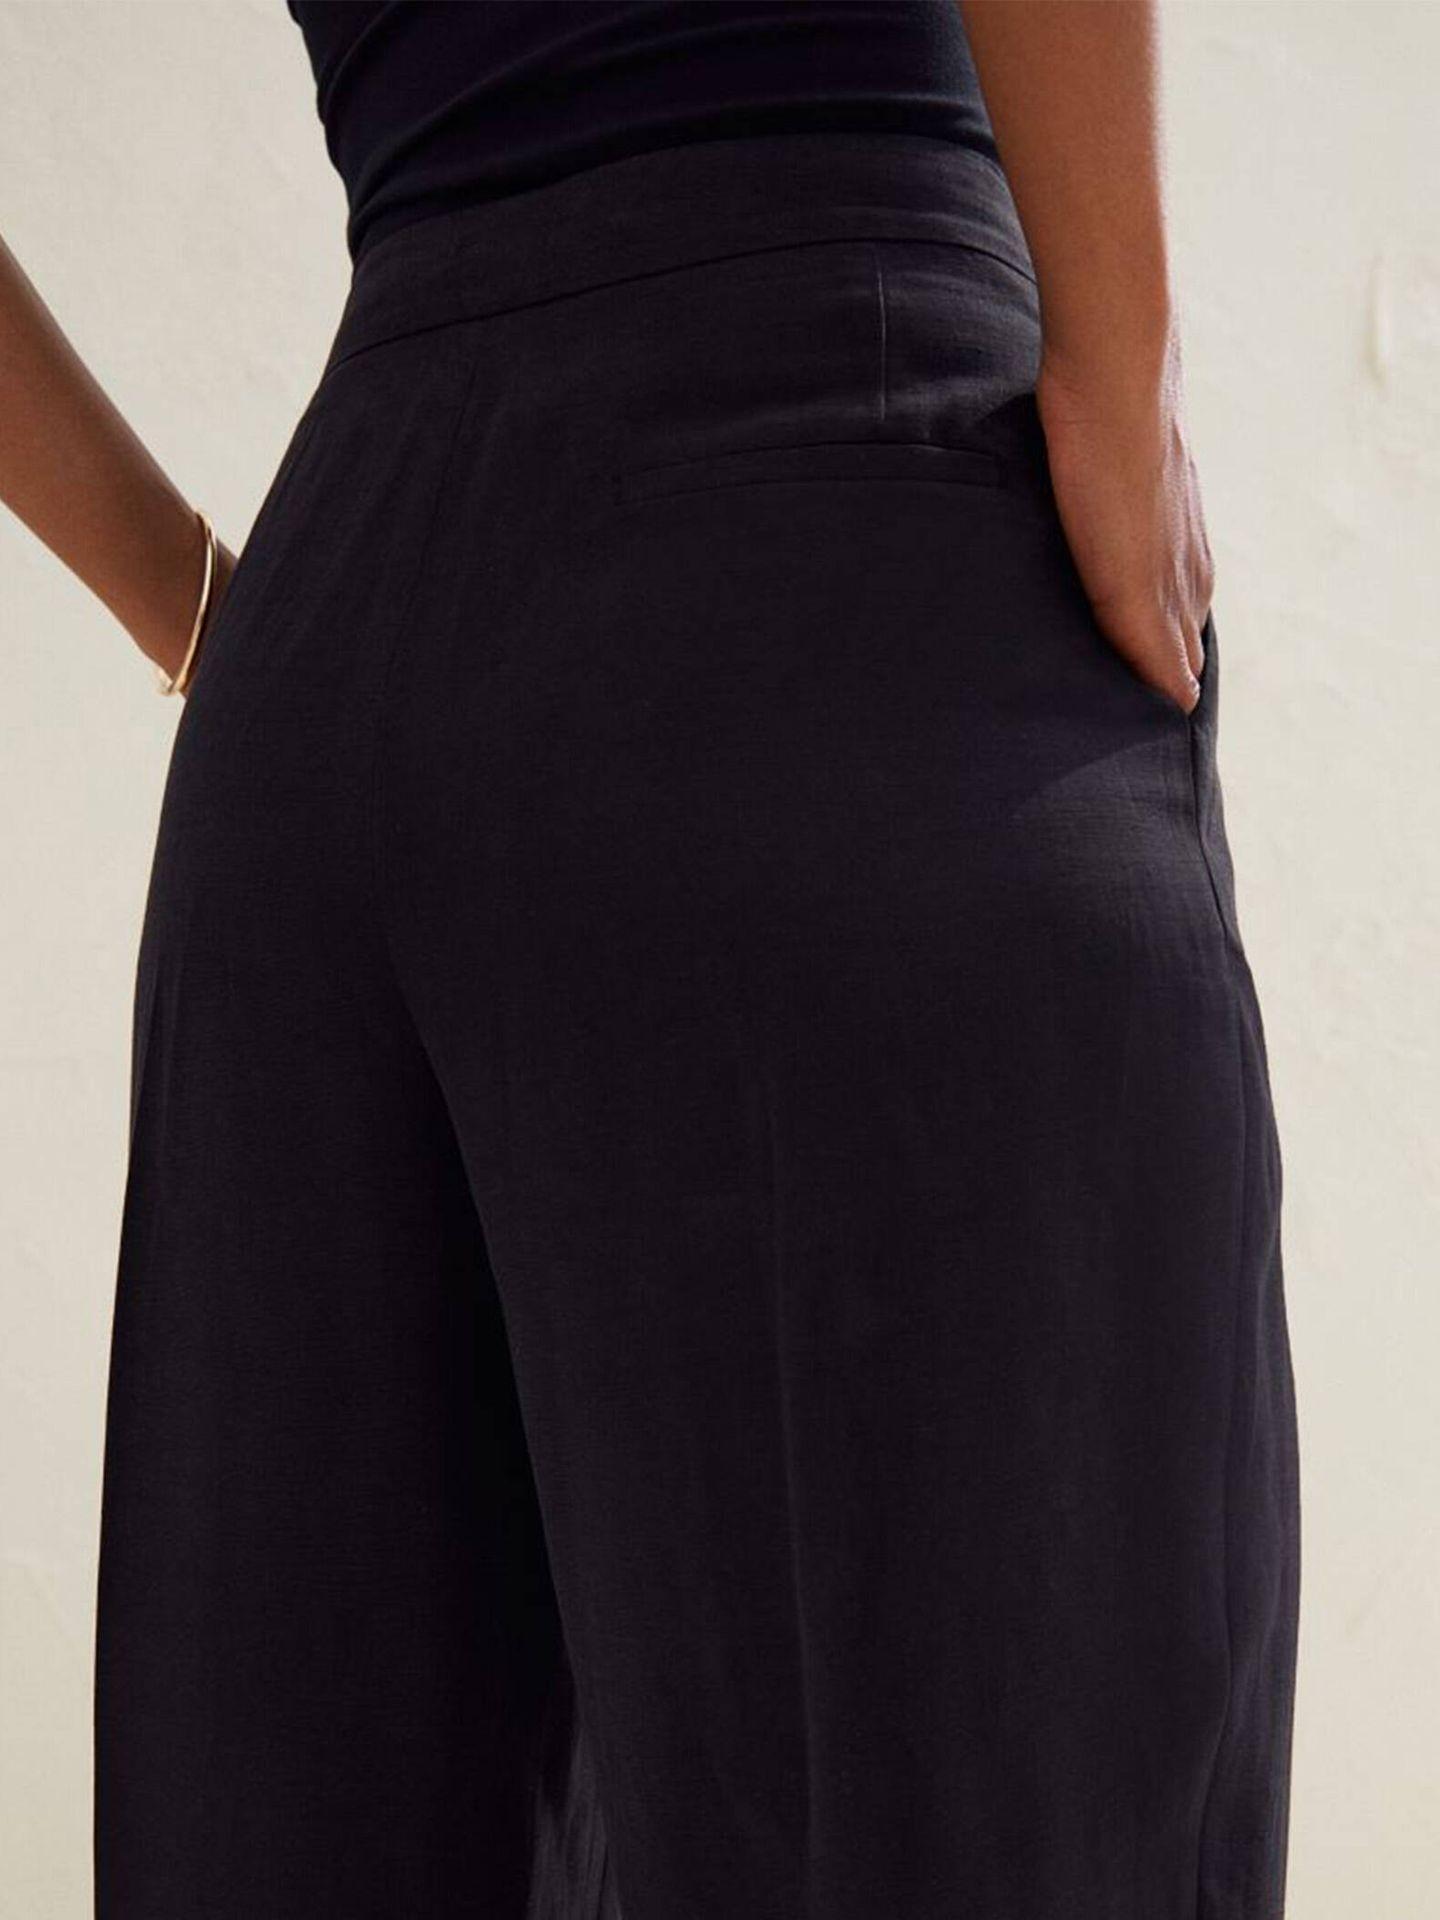 Pantalón de vestir negro, fresquito y atemporal de HyM. (Cortesía)